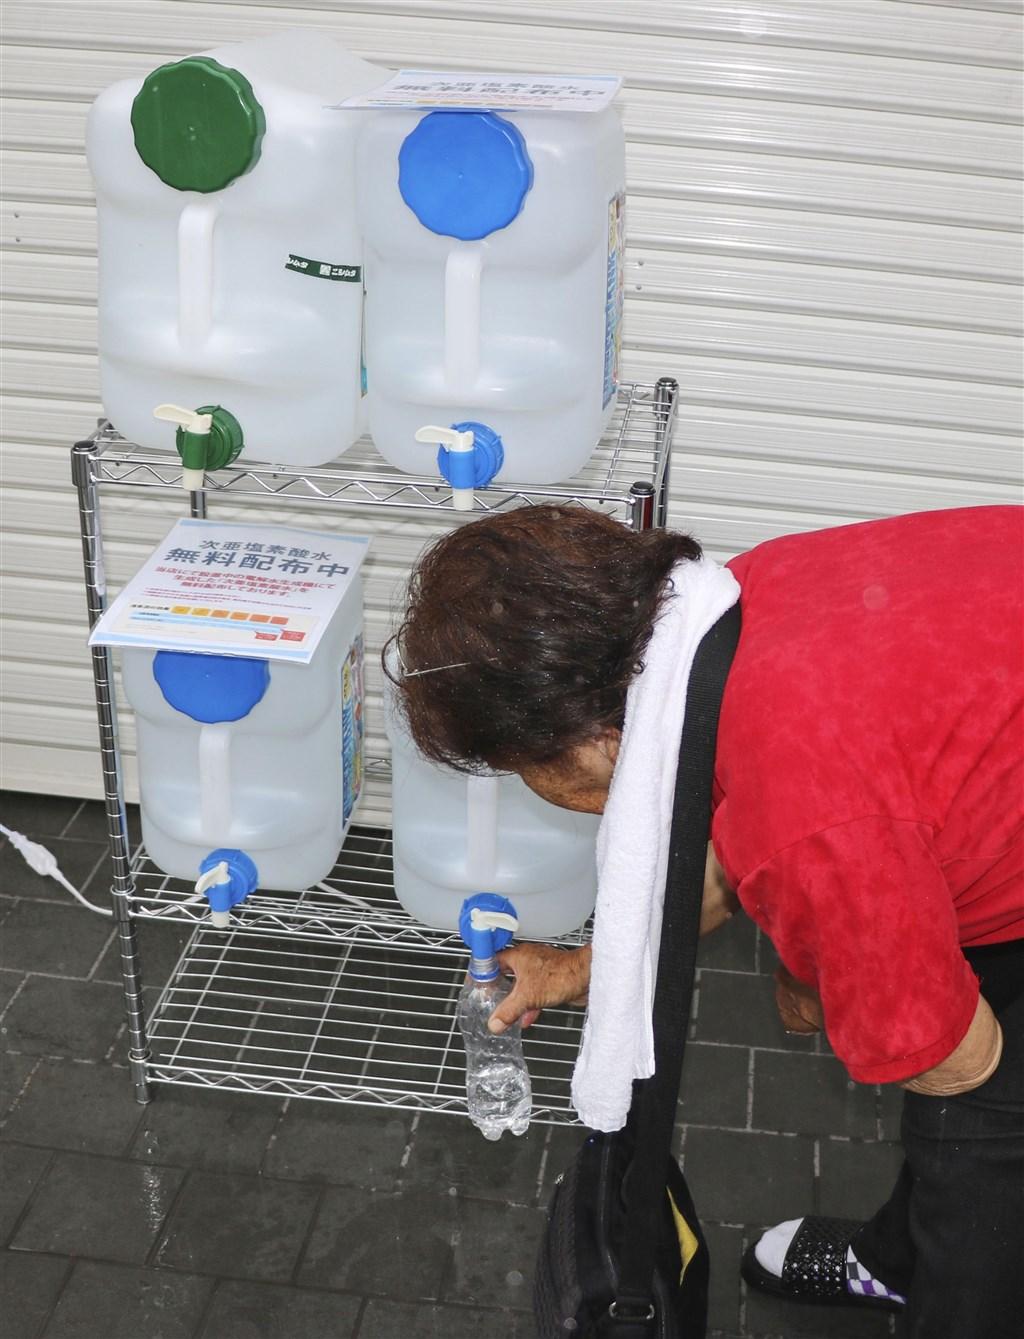 日本具官方色彩的機構NITE 29日公布報告指出,次氯酸水目前尚未確定消毒功效,呼籲民眾勿以此作為噴霧使用或直接噴灑於手部、皮膚上。圖為3日日本鹿兒島一家居酒屋外設置次氯酸水桶供民眾取用。(共同社提供)